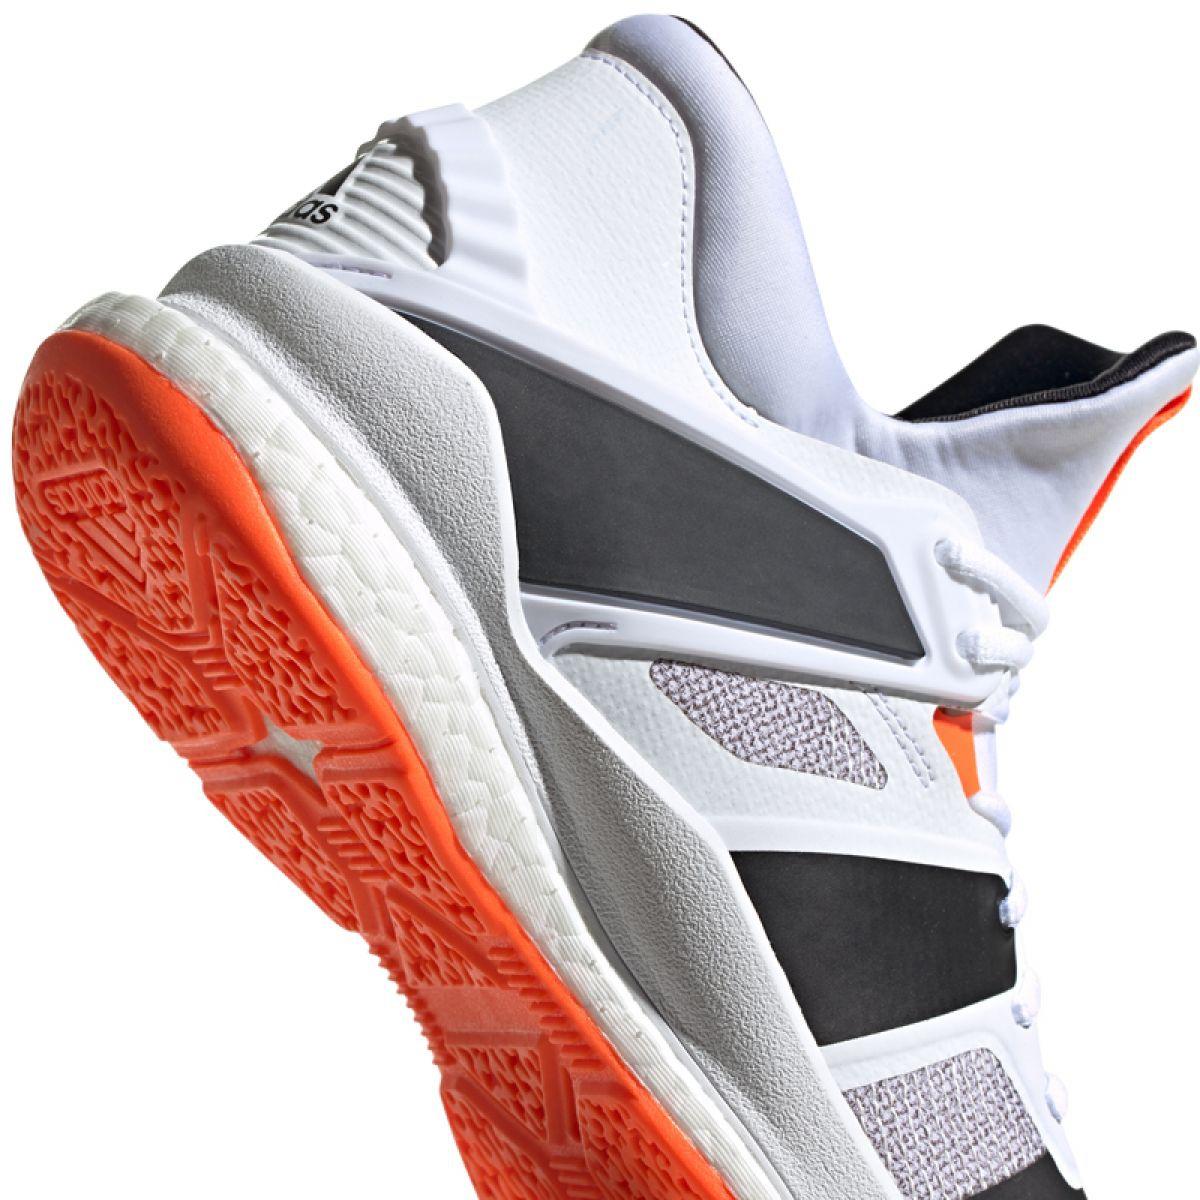 Buty adidas Stabil X Mid M F33827 białe biały